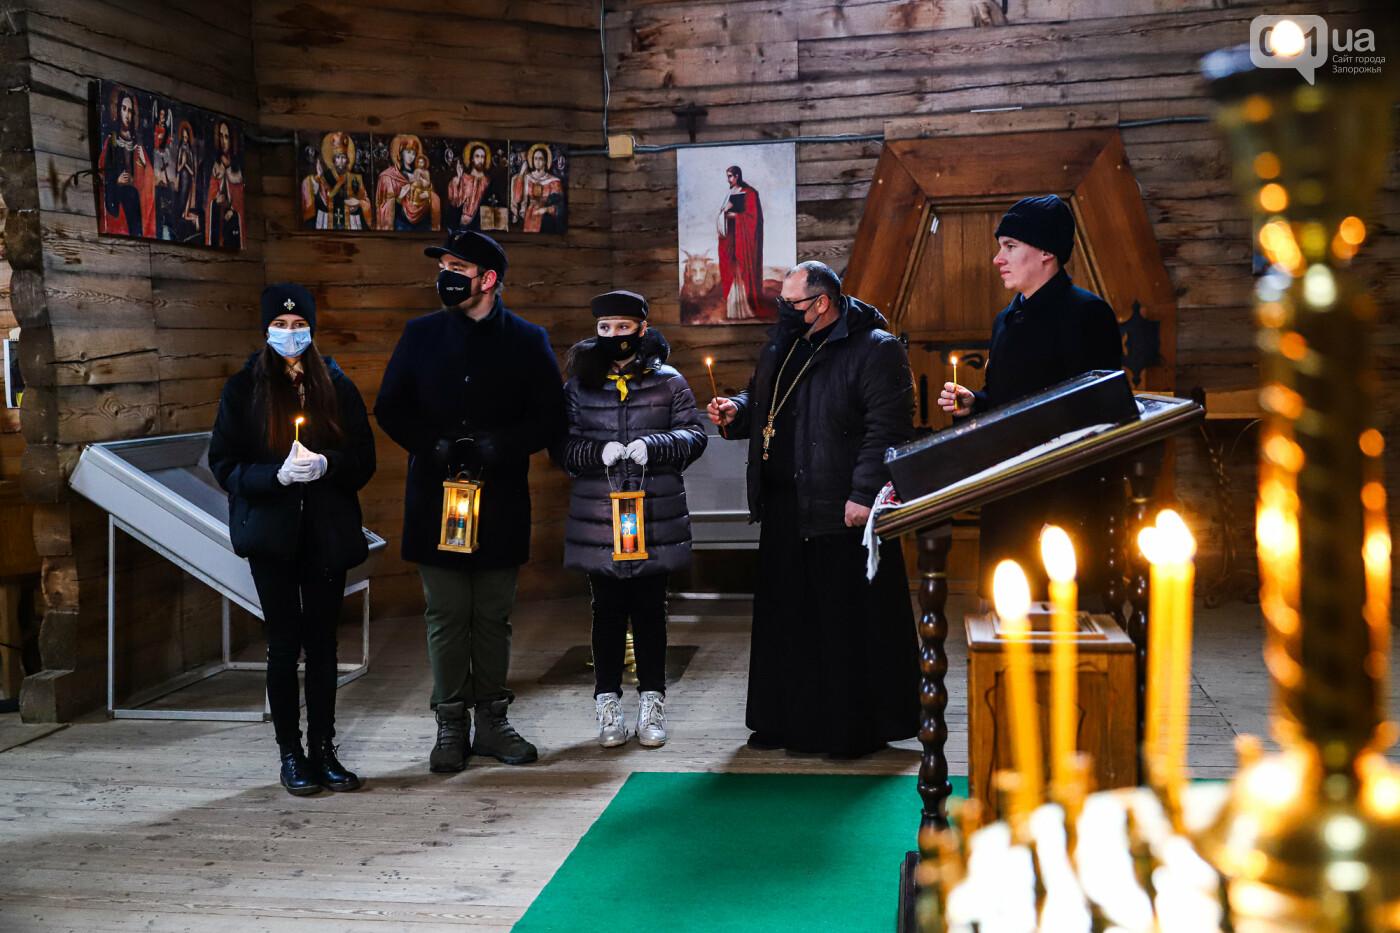 На Хортице скауты передали священникам Вифлеемский огонь, - ФОТОРЕПОРТАЖ, фото-19